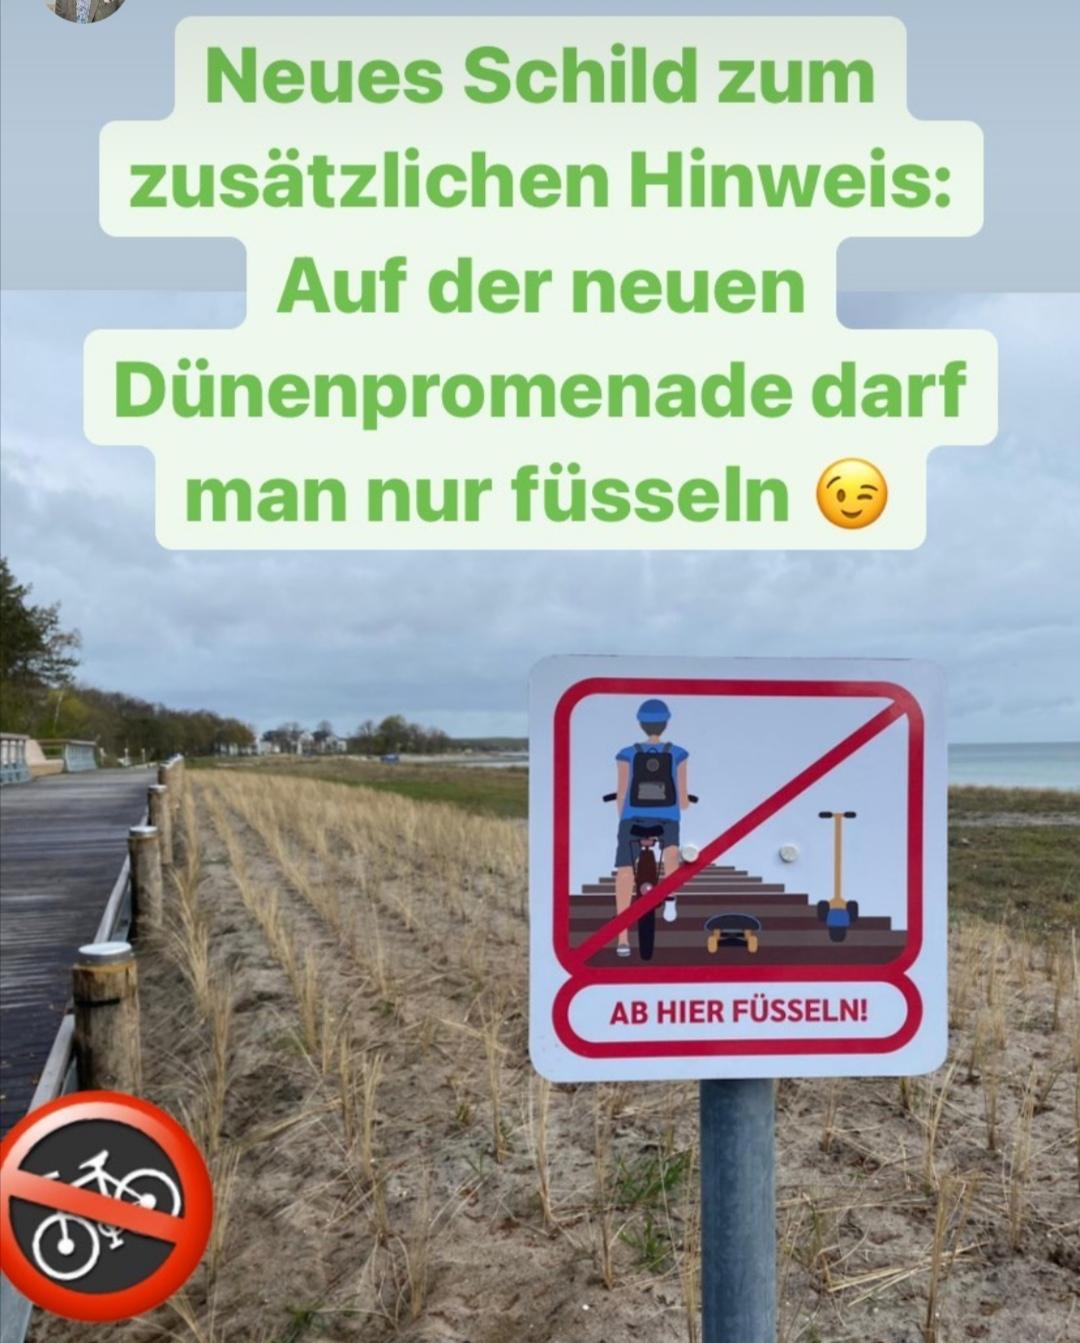 Kein Befahren! Auf der Dünenpromenade darf man füsseln.